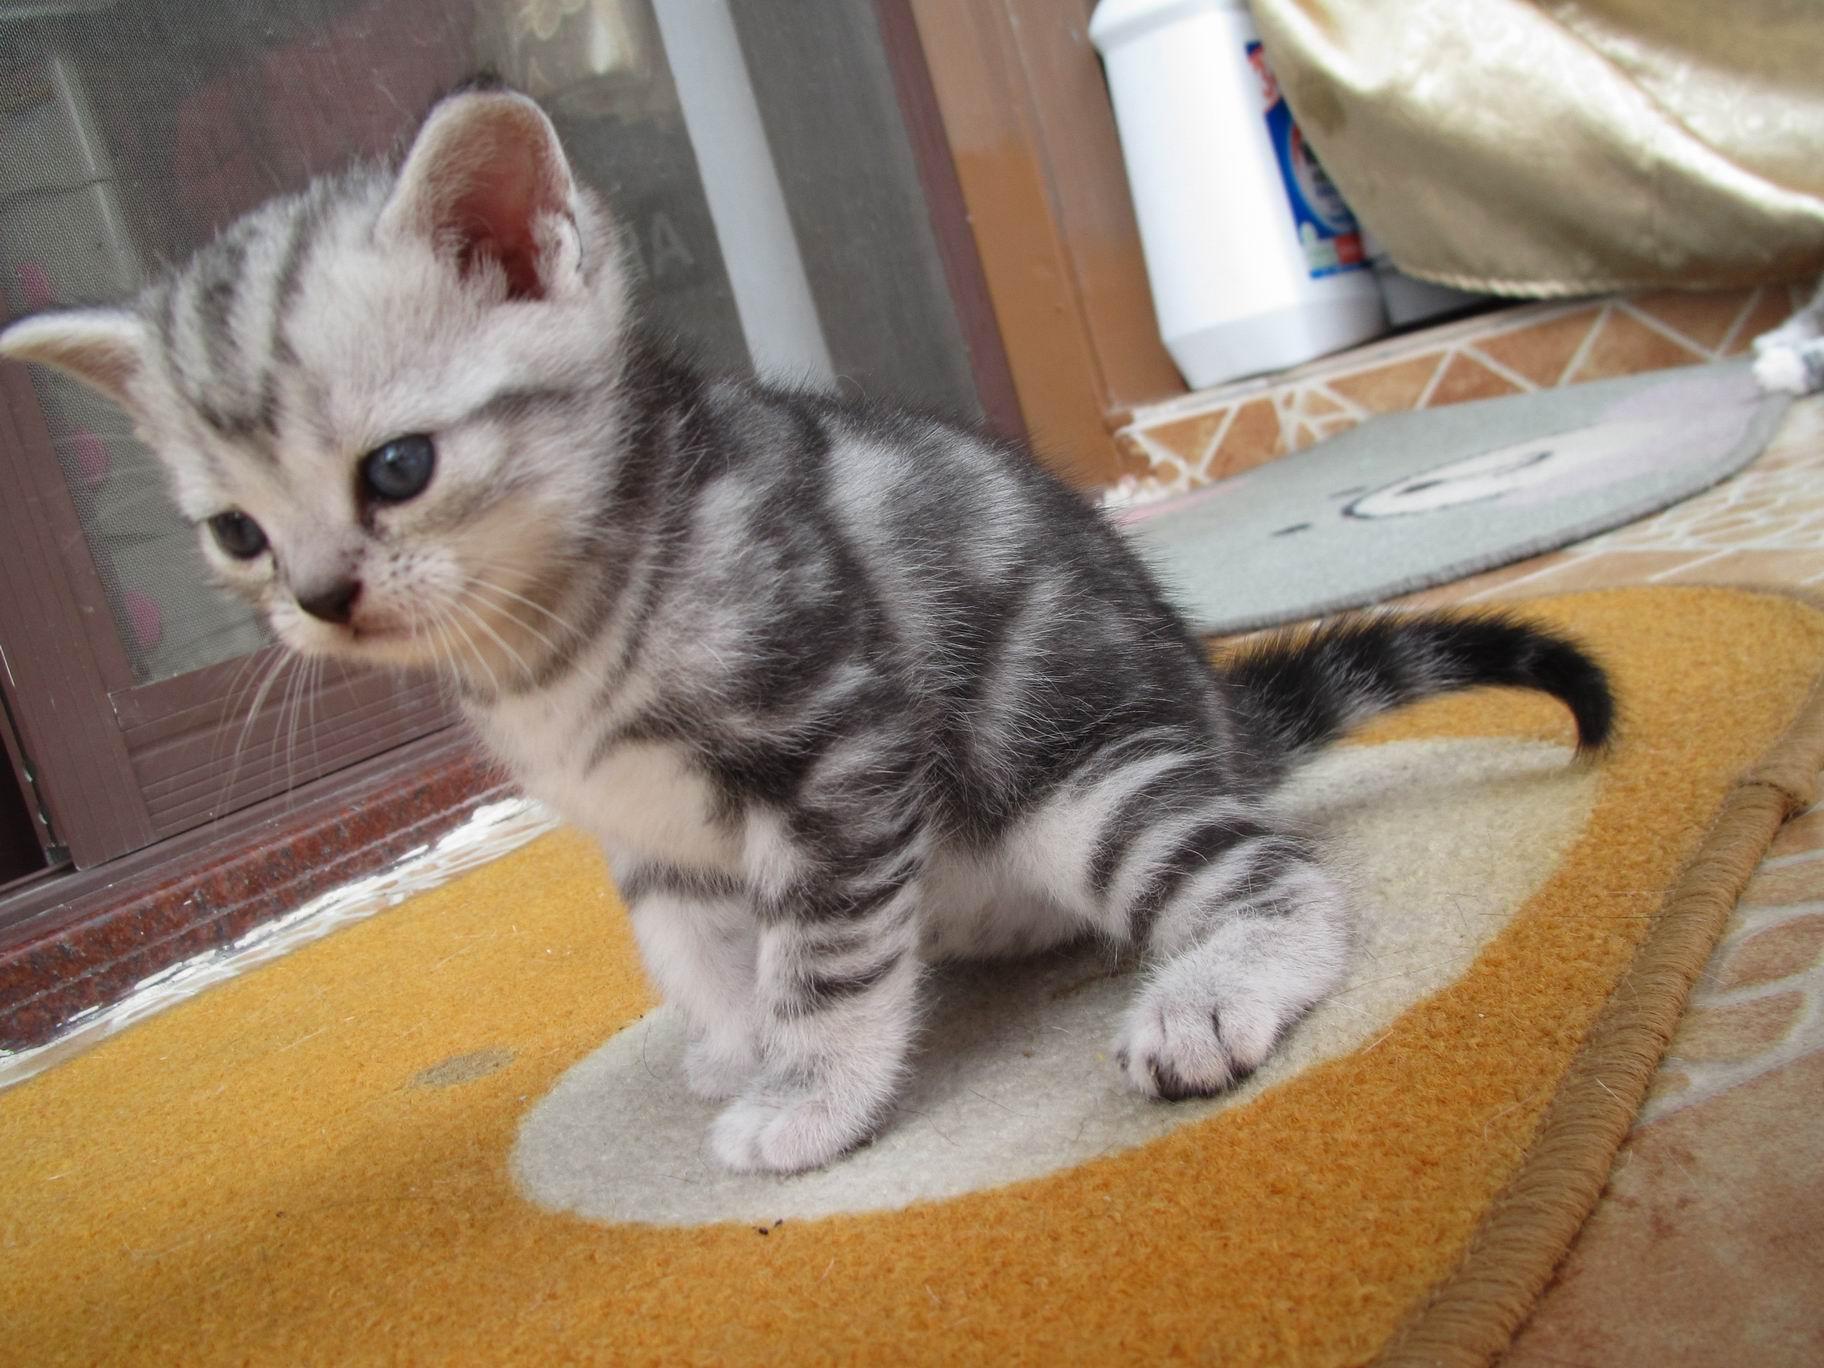 谁有美国短毛猫的照片发几张